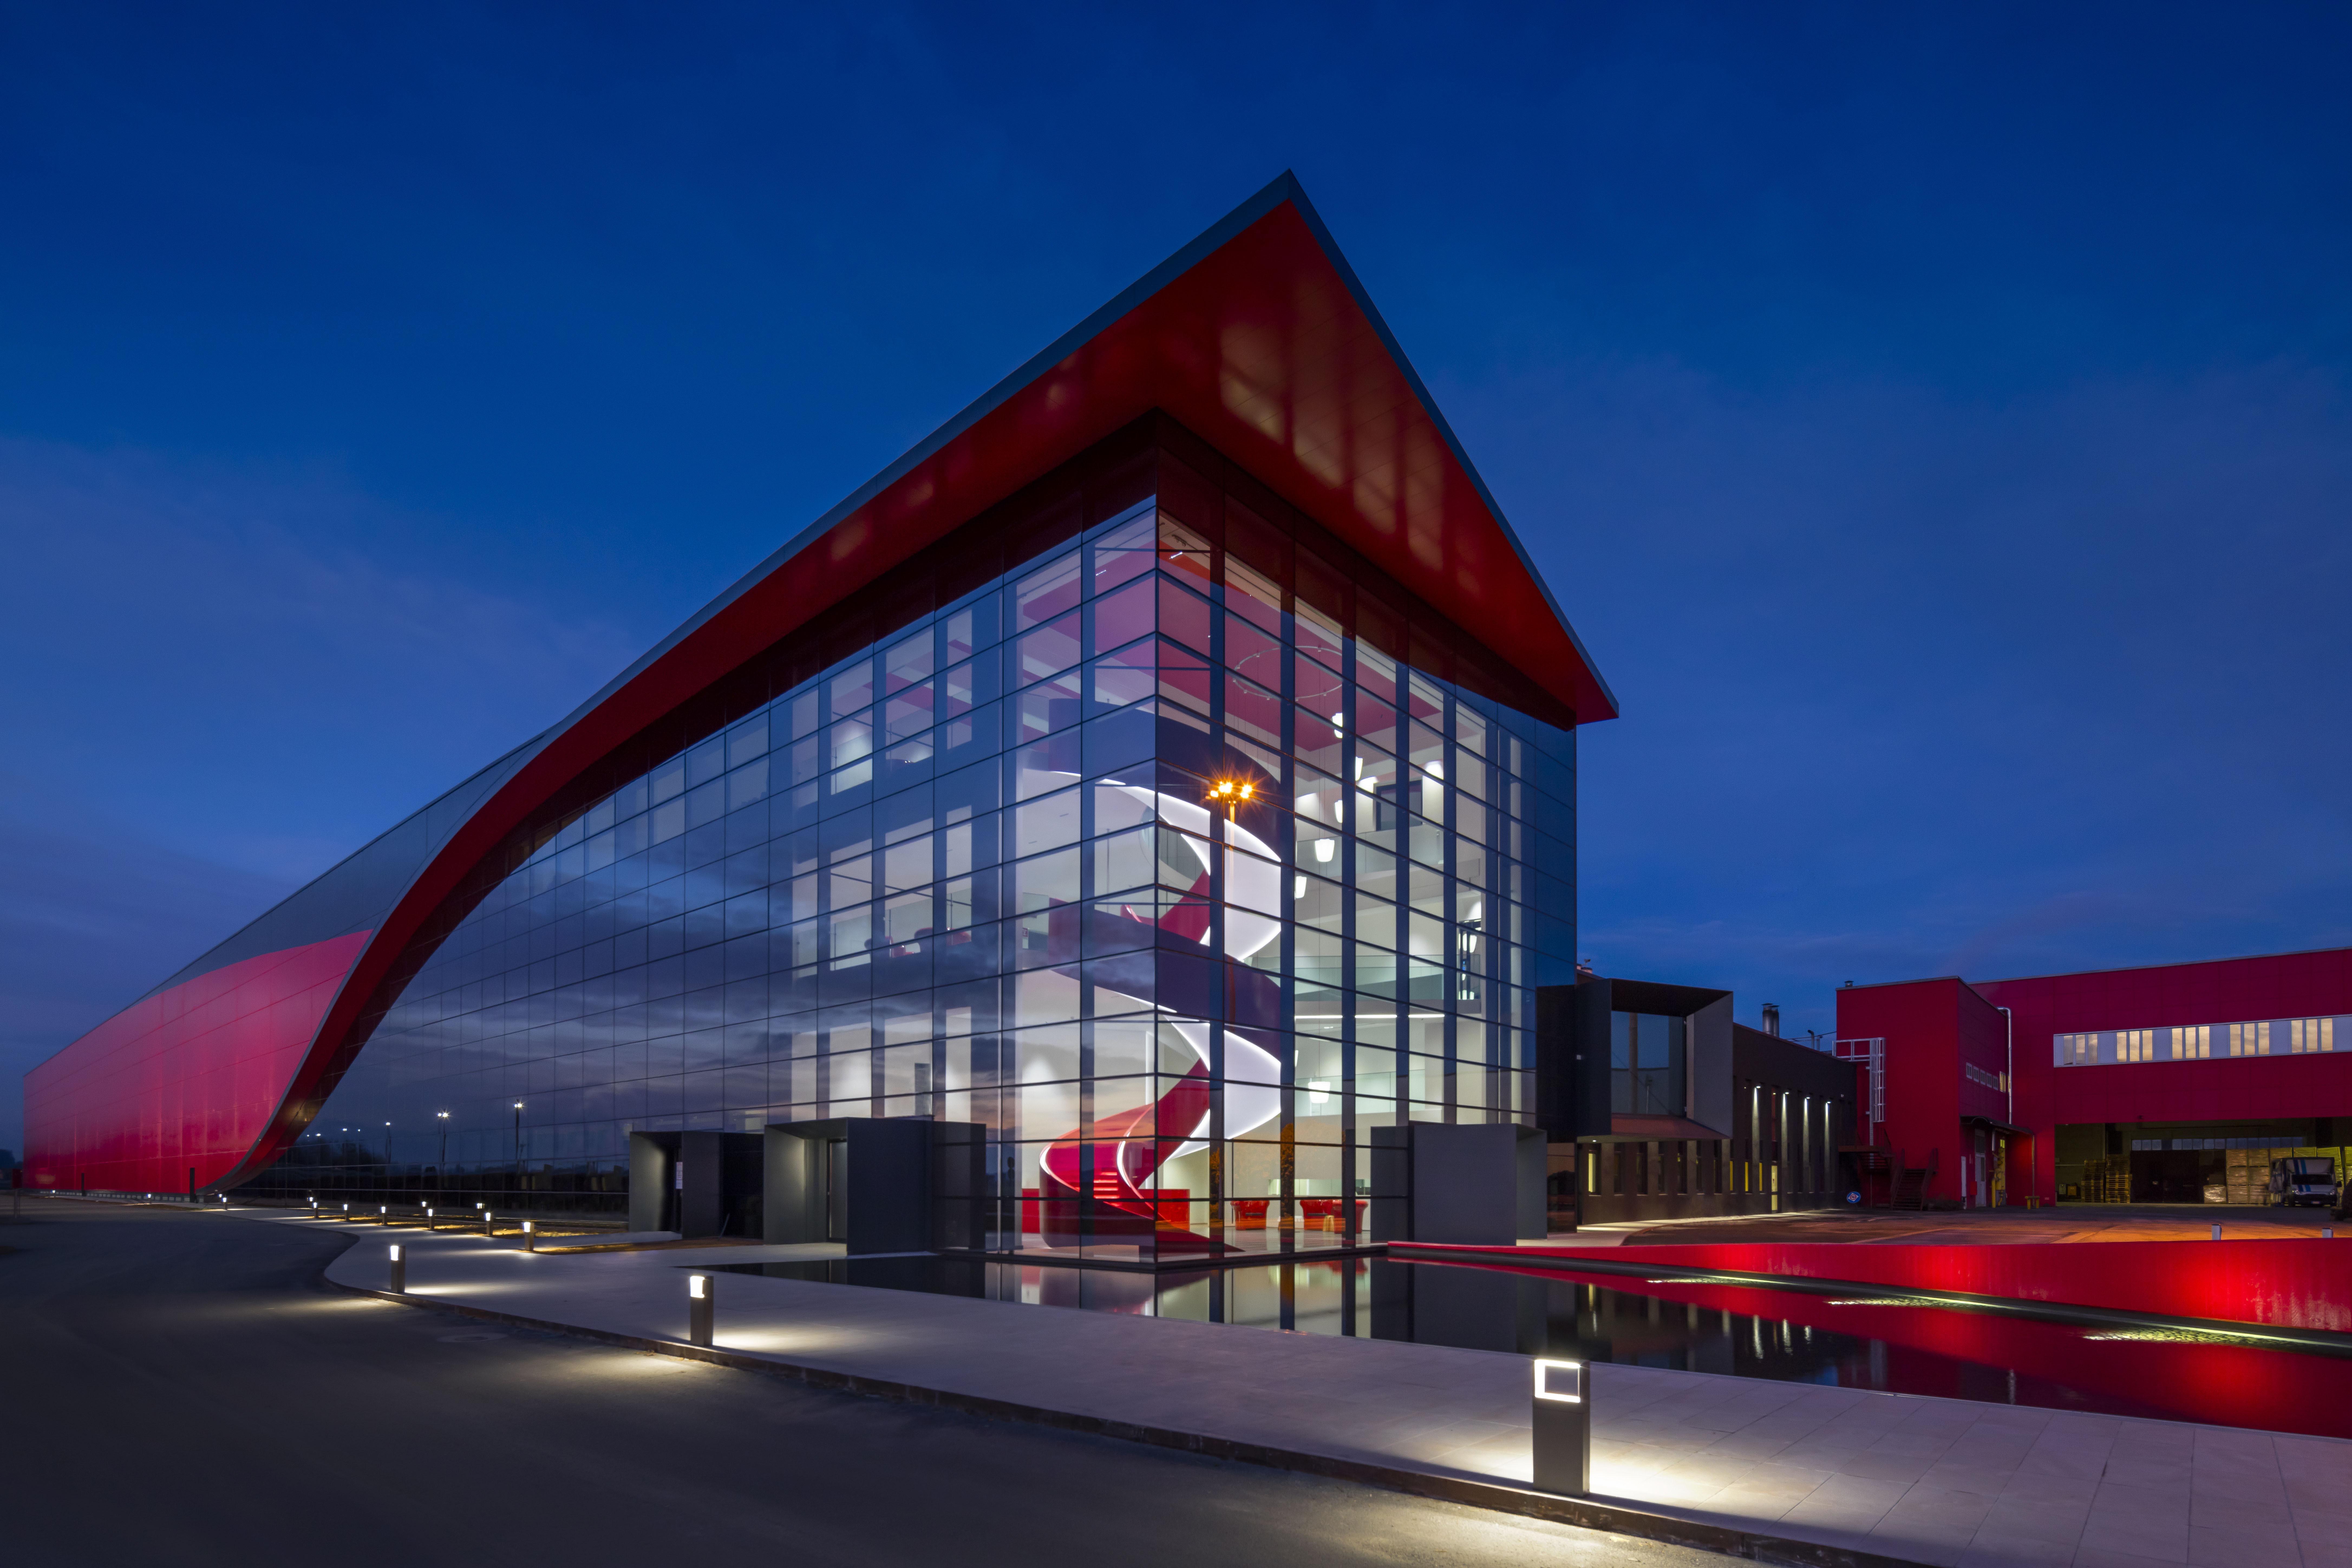 Una foto notturna della nuova sede di Maina a Fossano